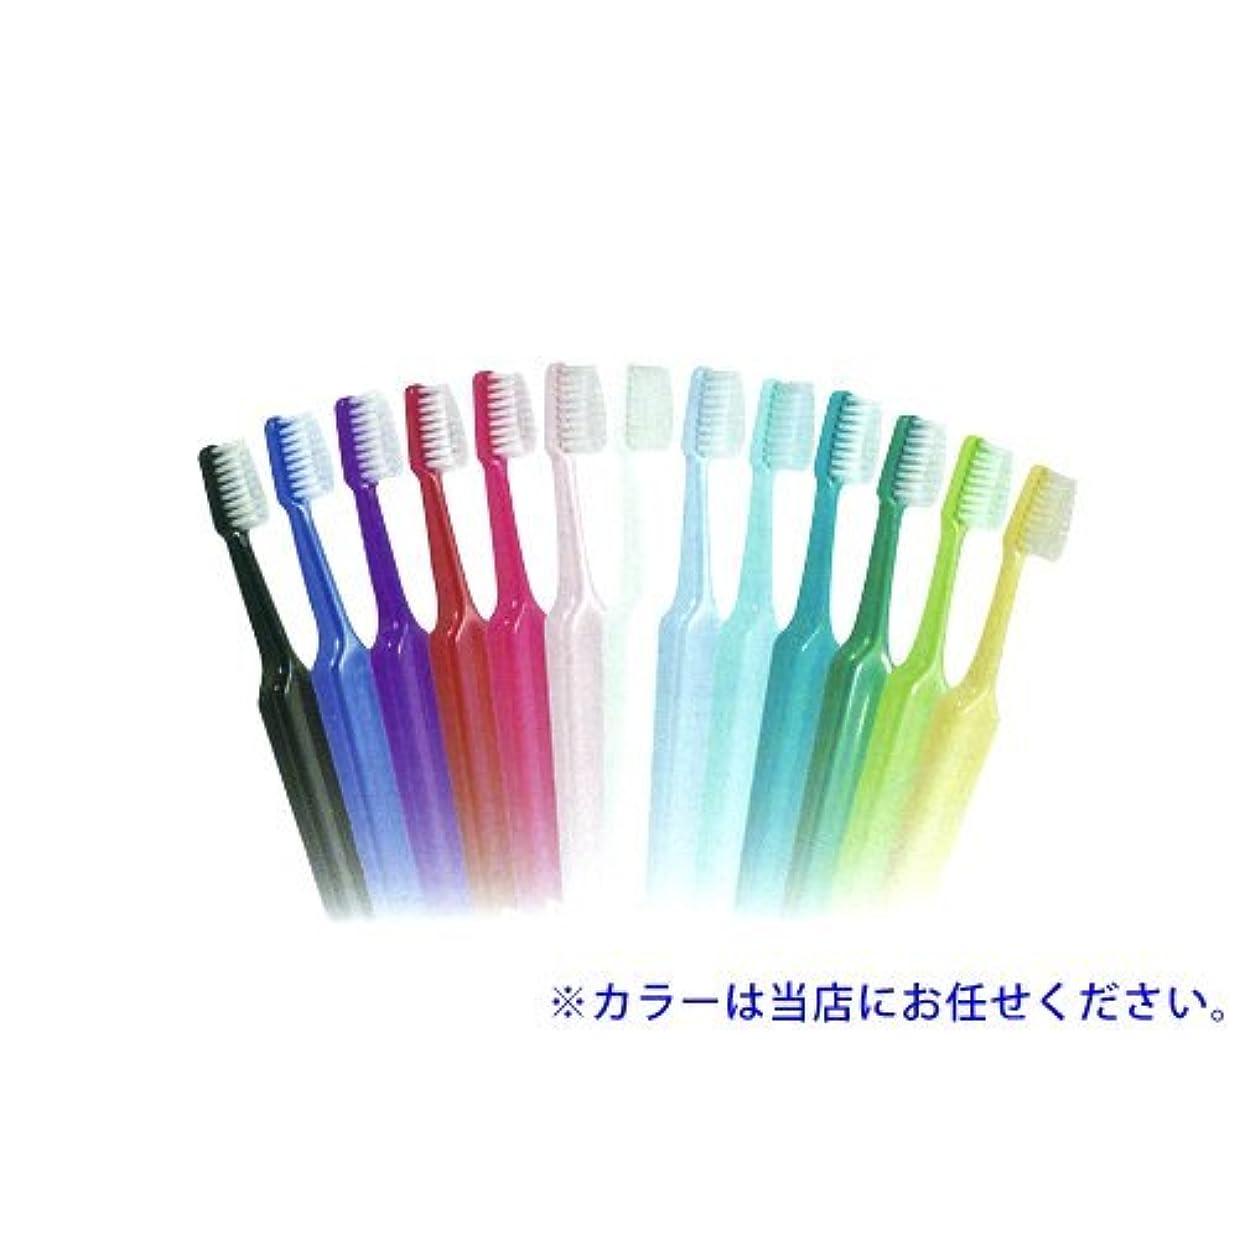 九月実用的中世のクロスフィールド TePe テペ セレクトコンパクト 歯ブラシ 1本 コンパクト ソフト